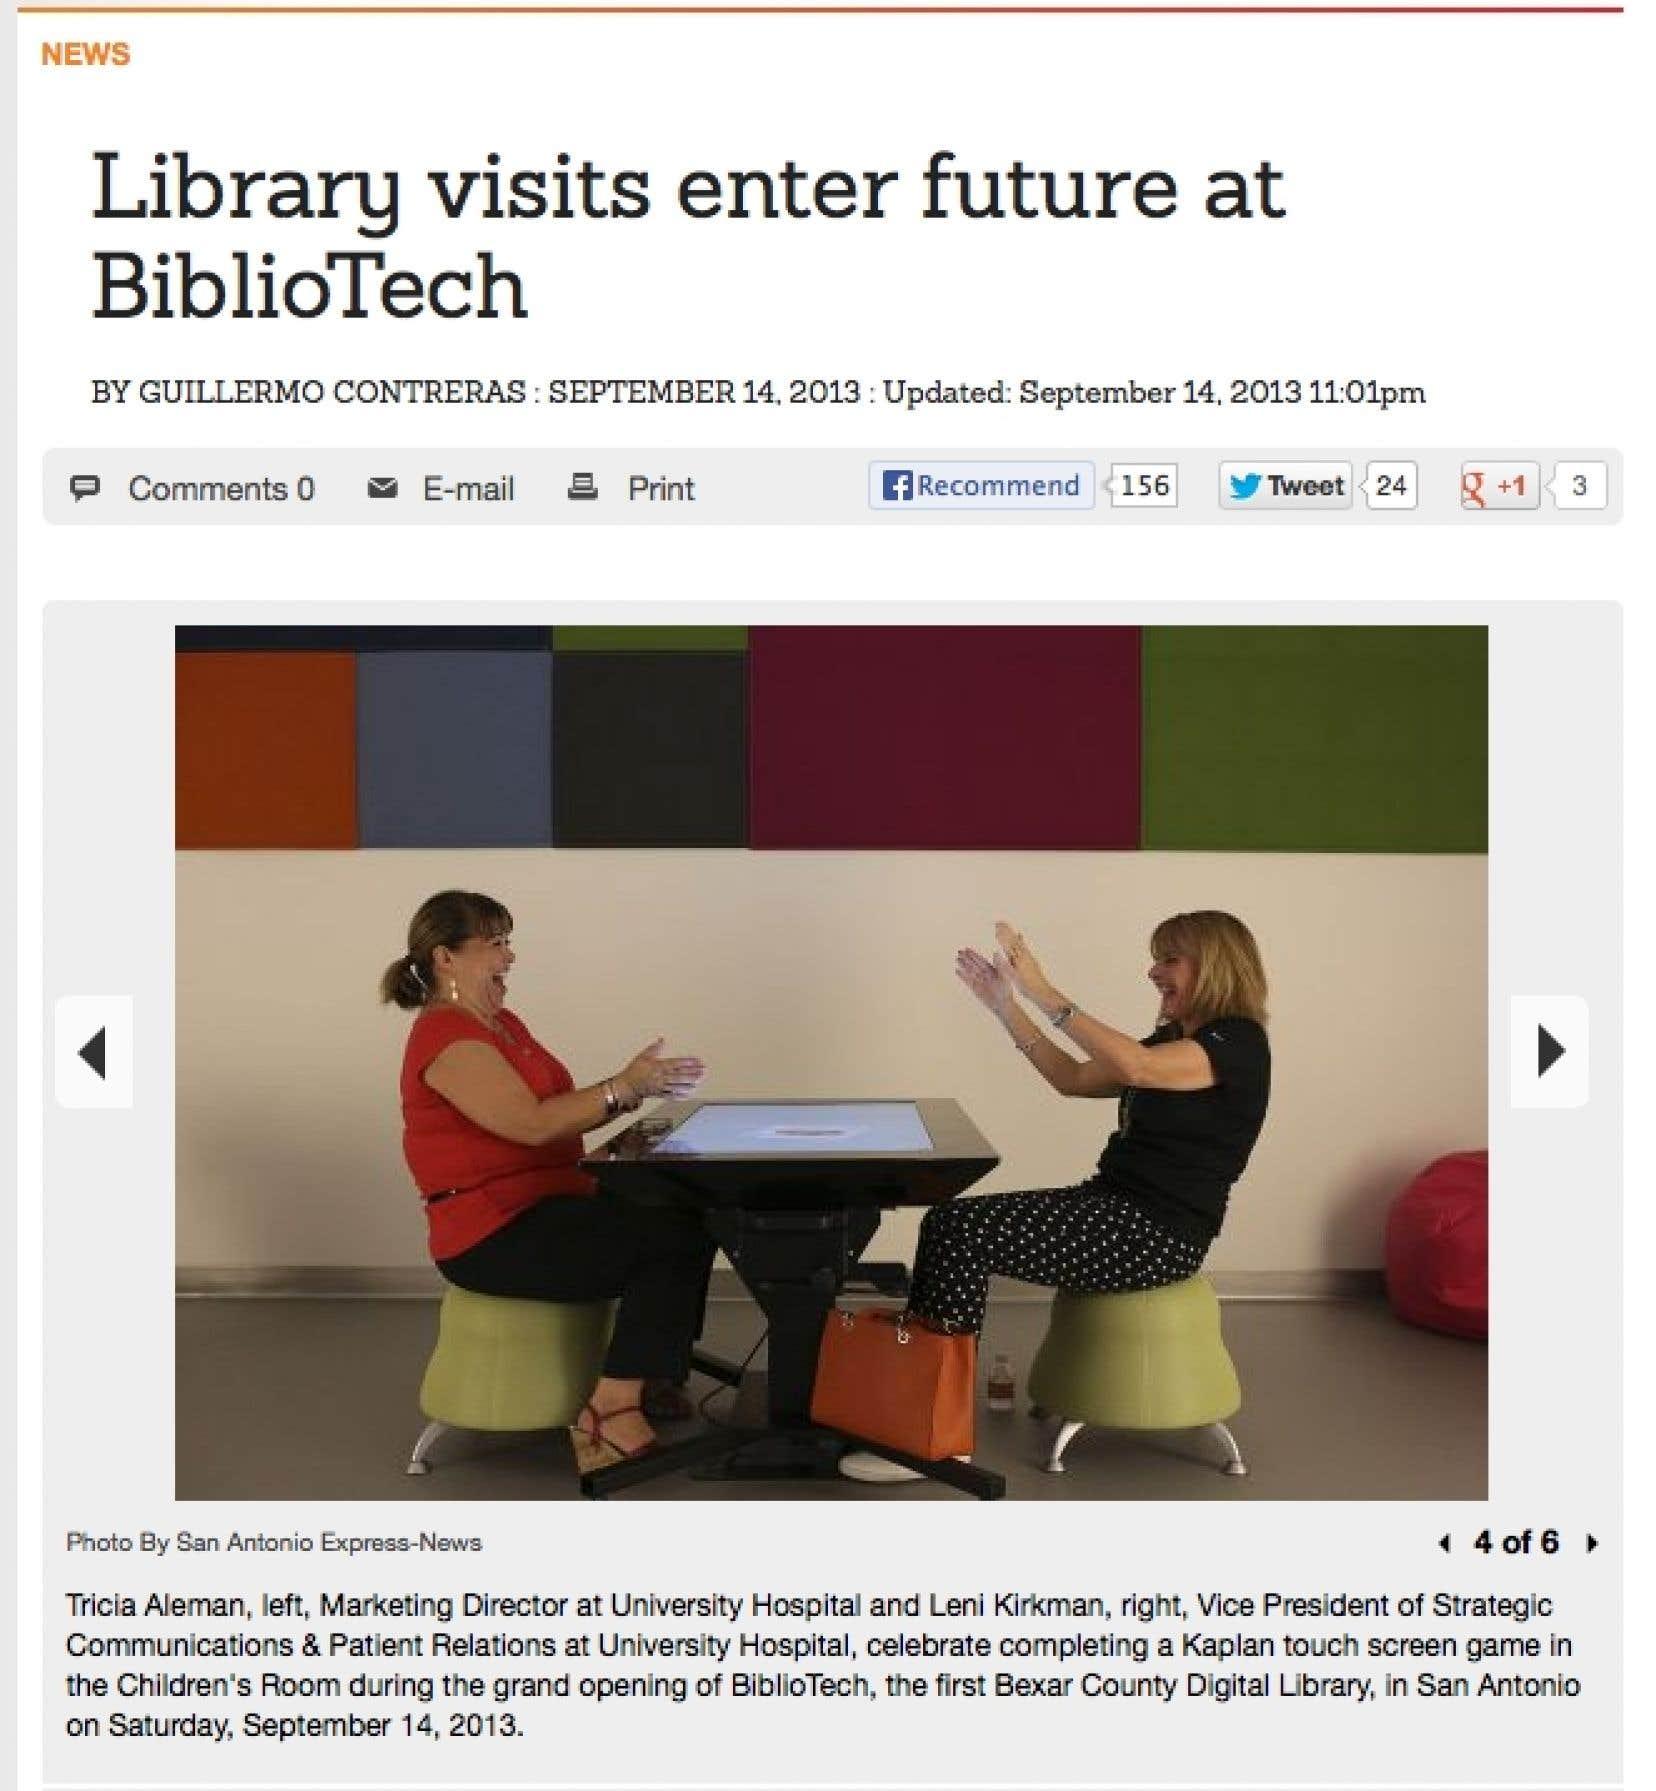 Dans la BiblioTech, la joie peut parfois émerger autour d'une table tactile